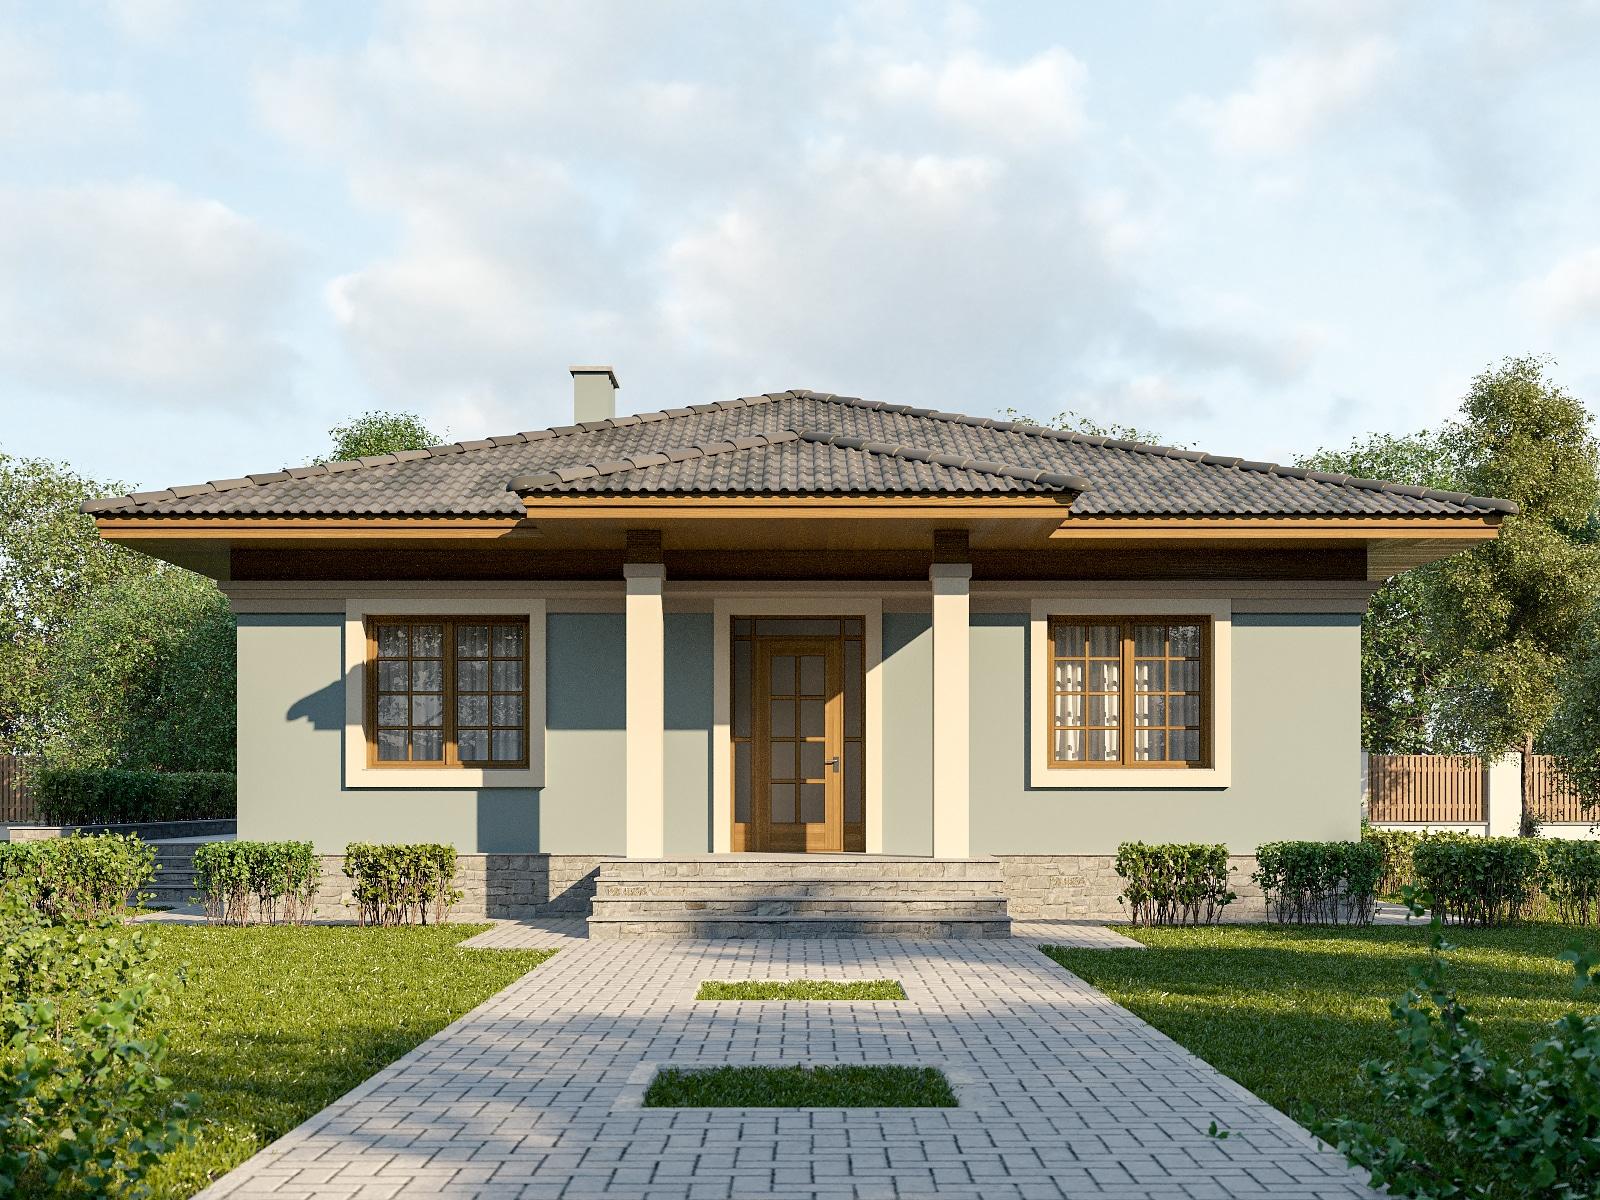 проект одноэтажных домов с верандой фото реальным